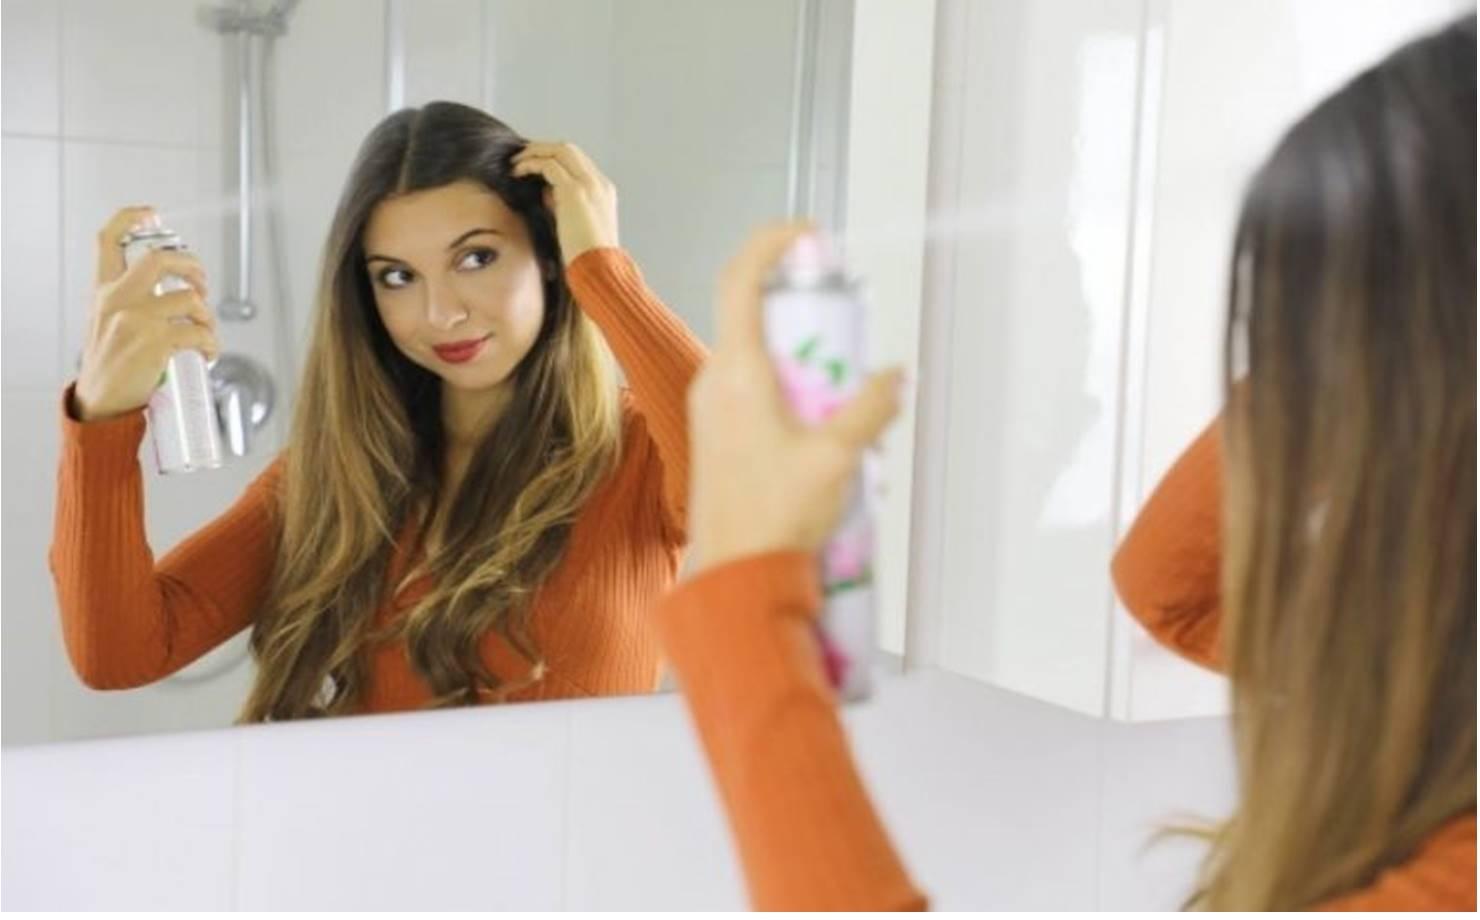 Mulher Usando Shampoo a Seco